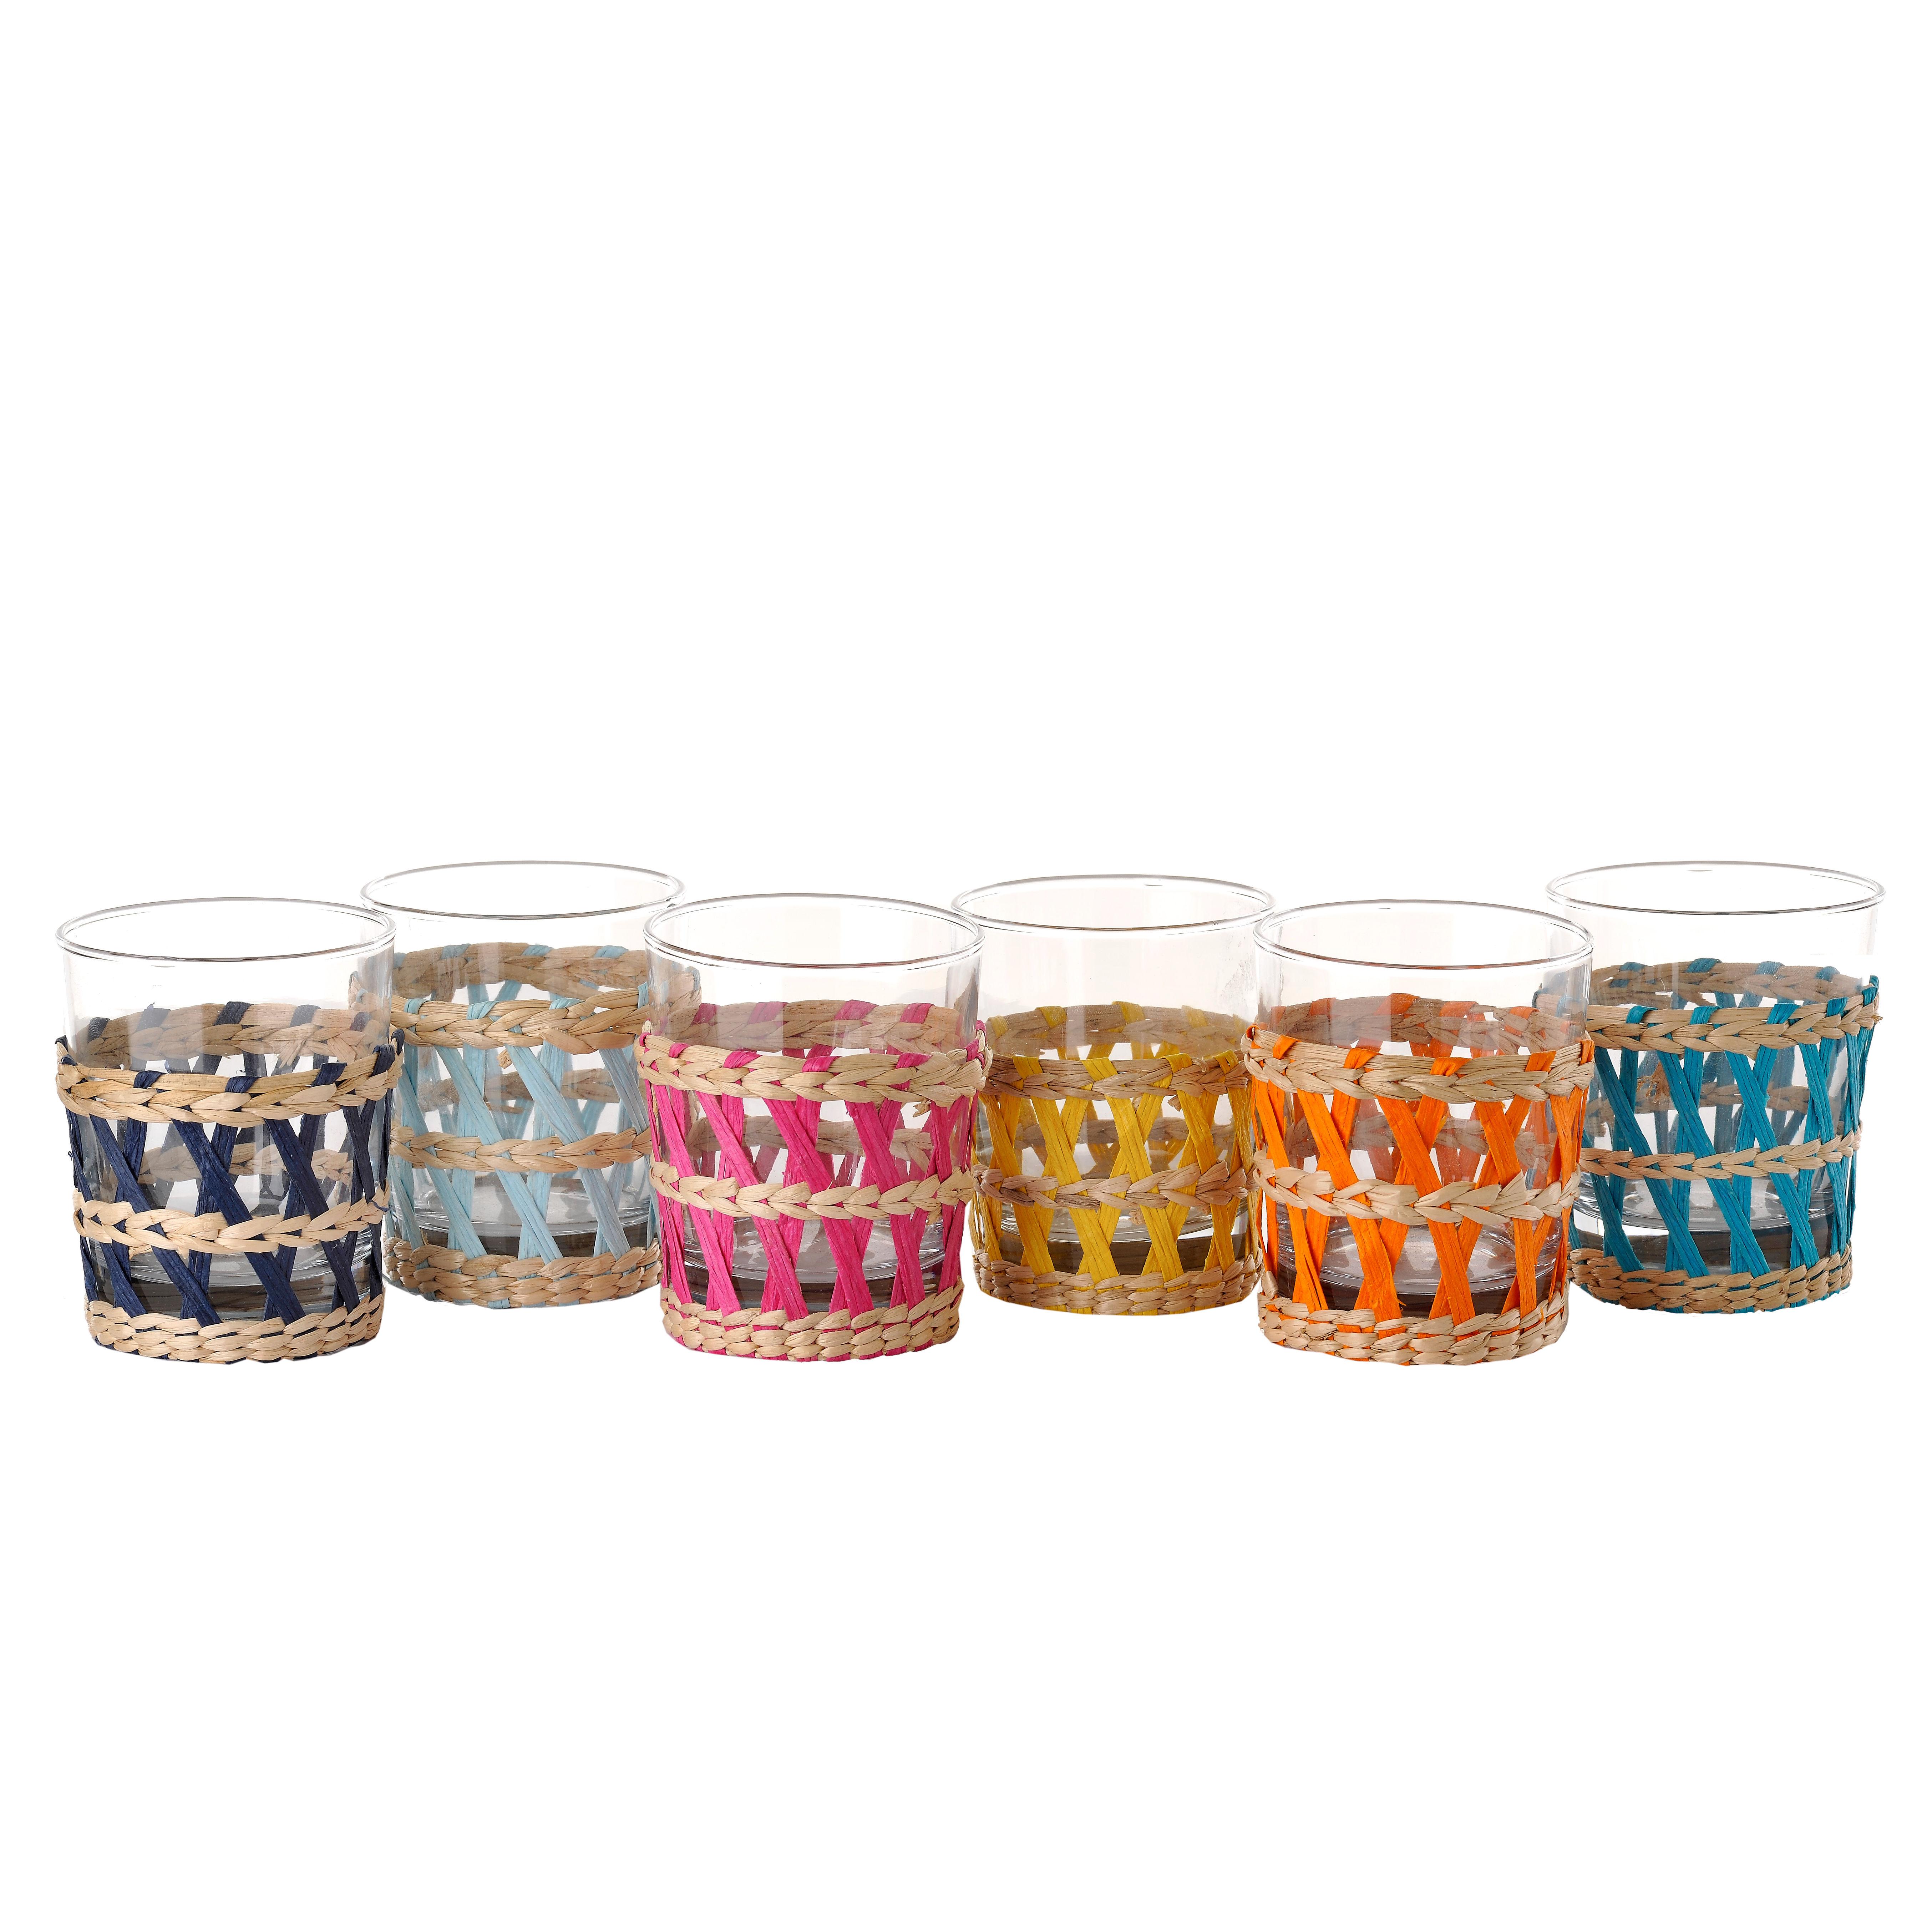 Tavola - Bicchieri  - Bicchiere da acqua Reed - / Set da 6 - Bicchiere & Vimini di Pols Potten - Vimini colorato & Trasparente - Vetro, Vimini